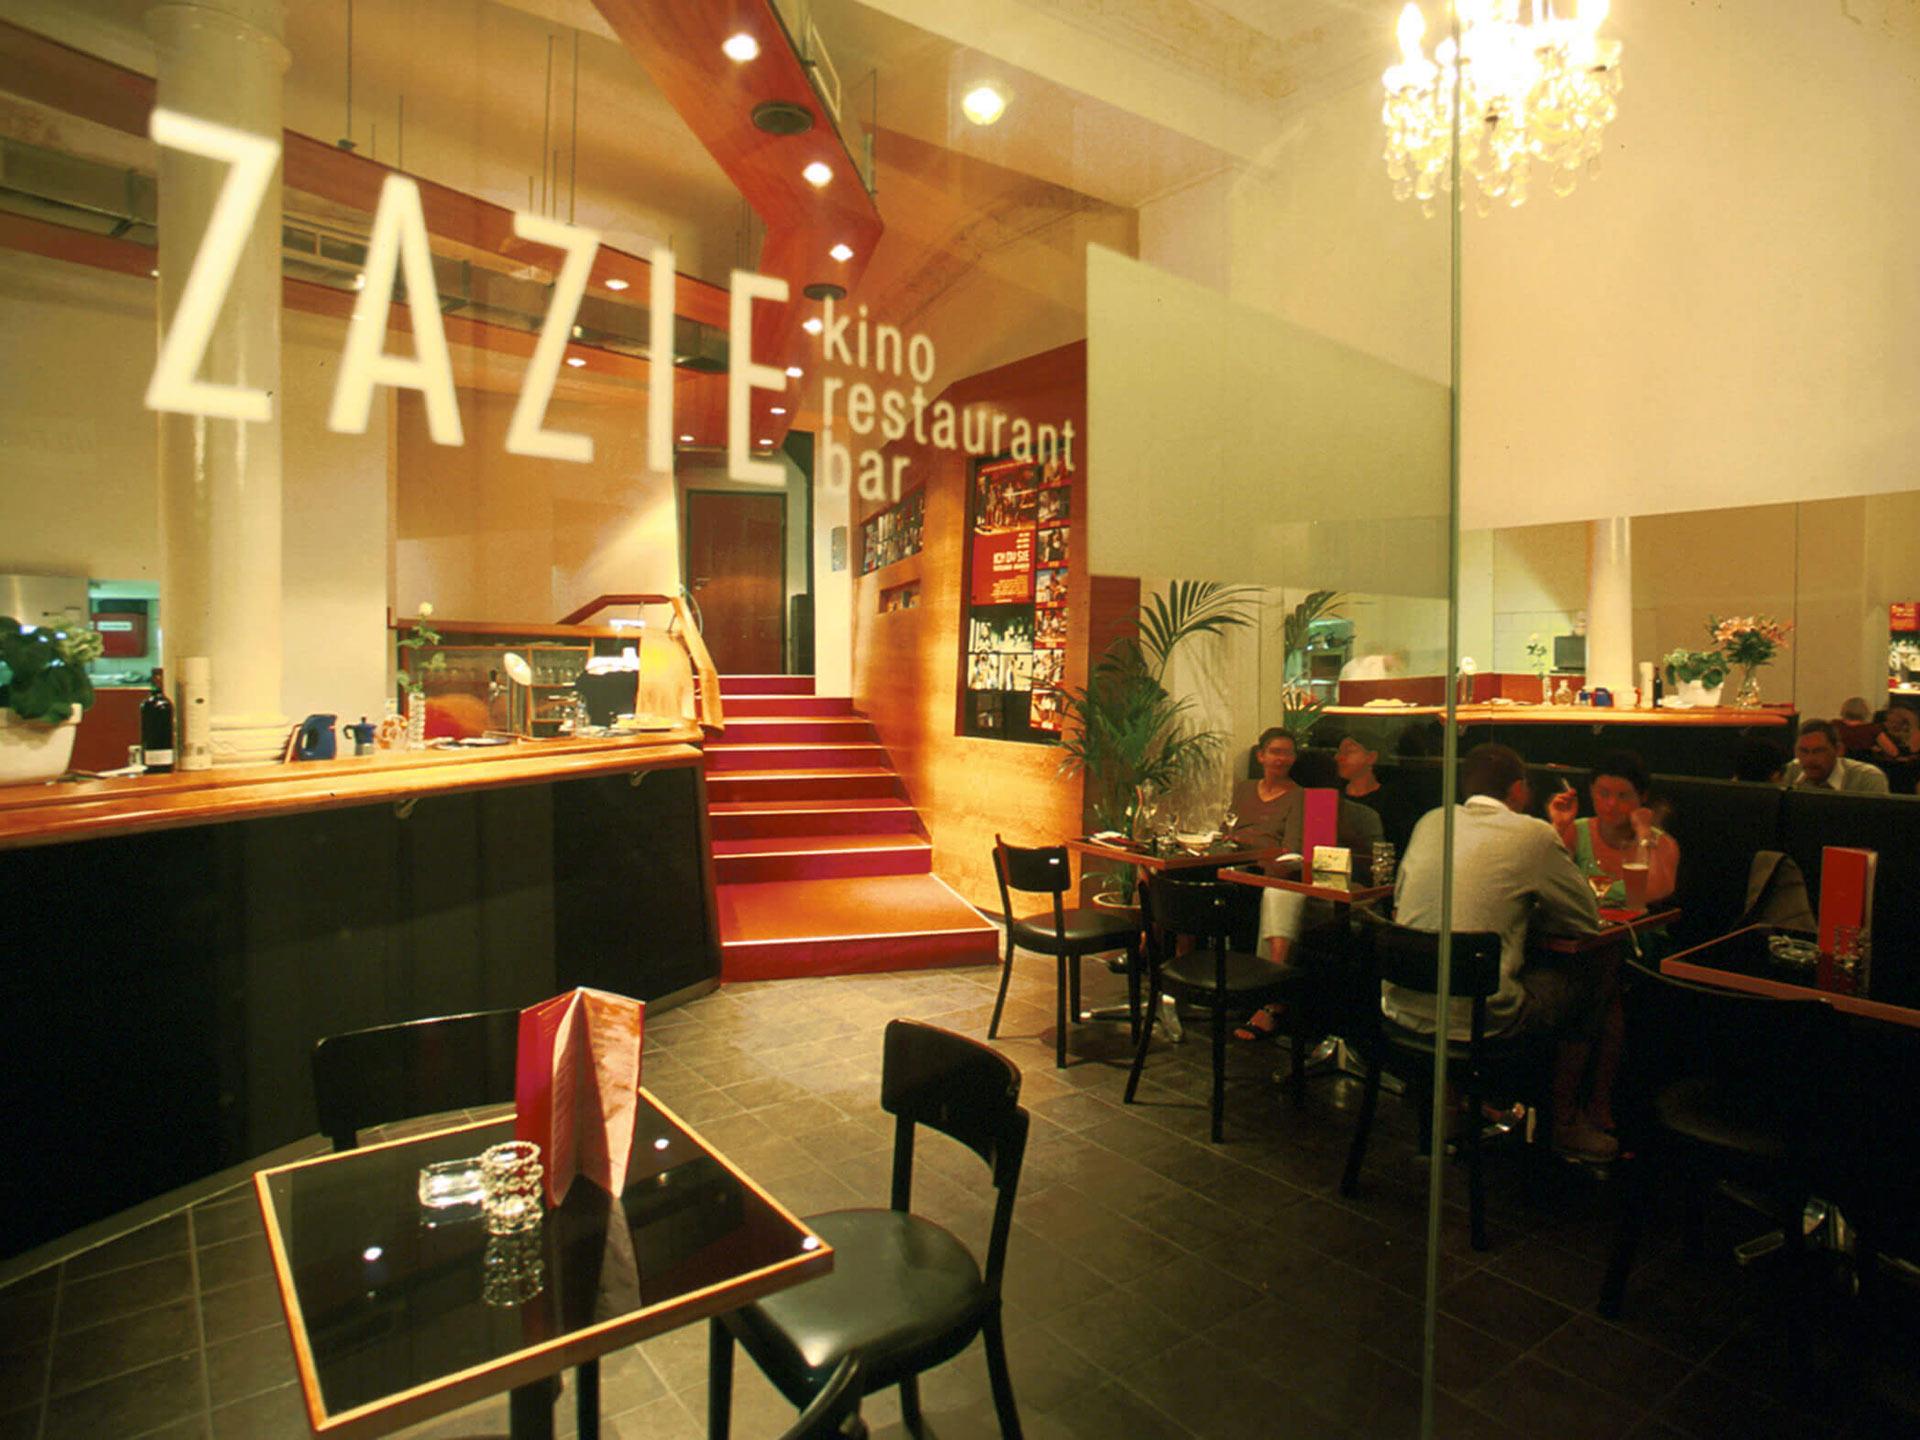 Umbau Kino Zazie  2